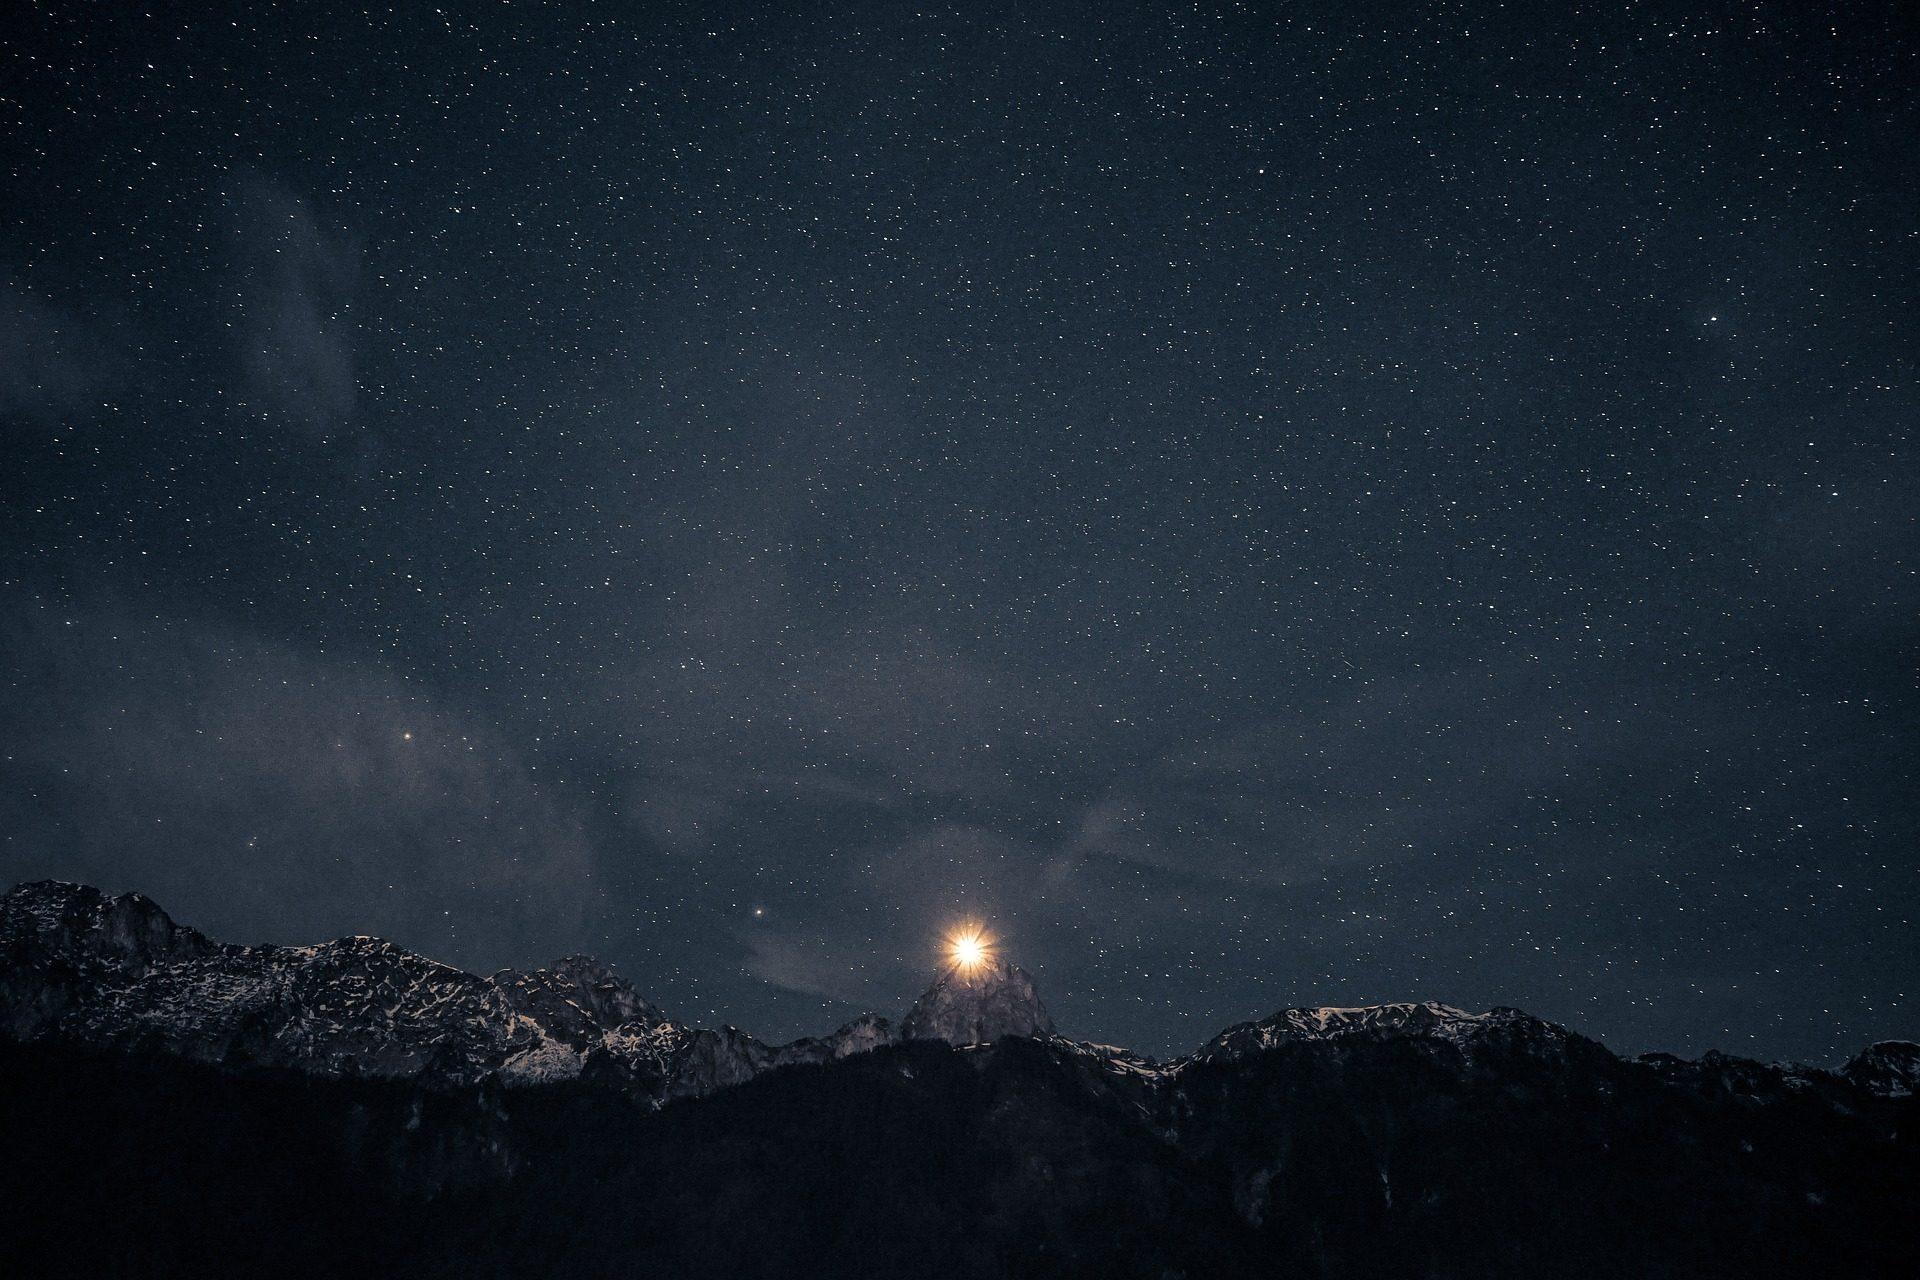 ليلة, نجمة, السماء, الظلام, الجبال, الضوء, سطوع - خلفيات عالية الدقة - أستاذ falken.com